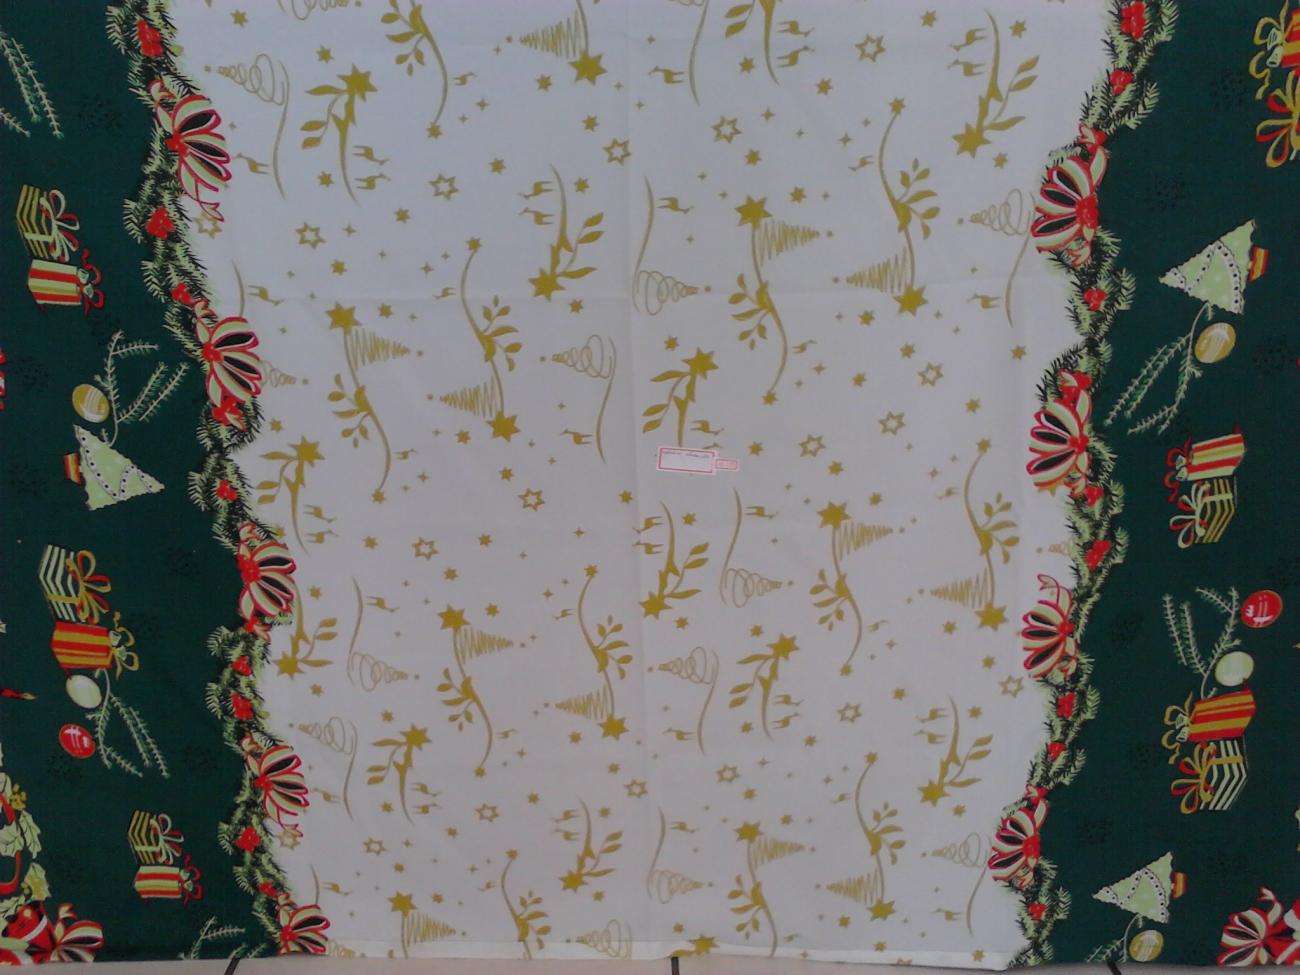 Toalha Quadrada Natalina Branca Estrela